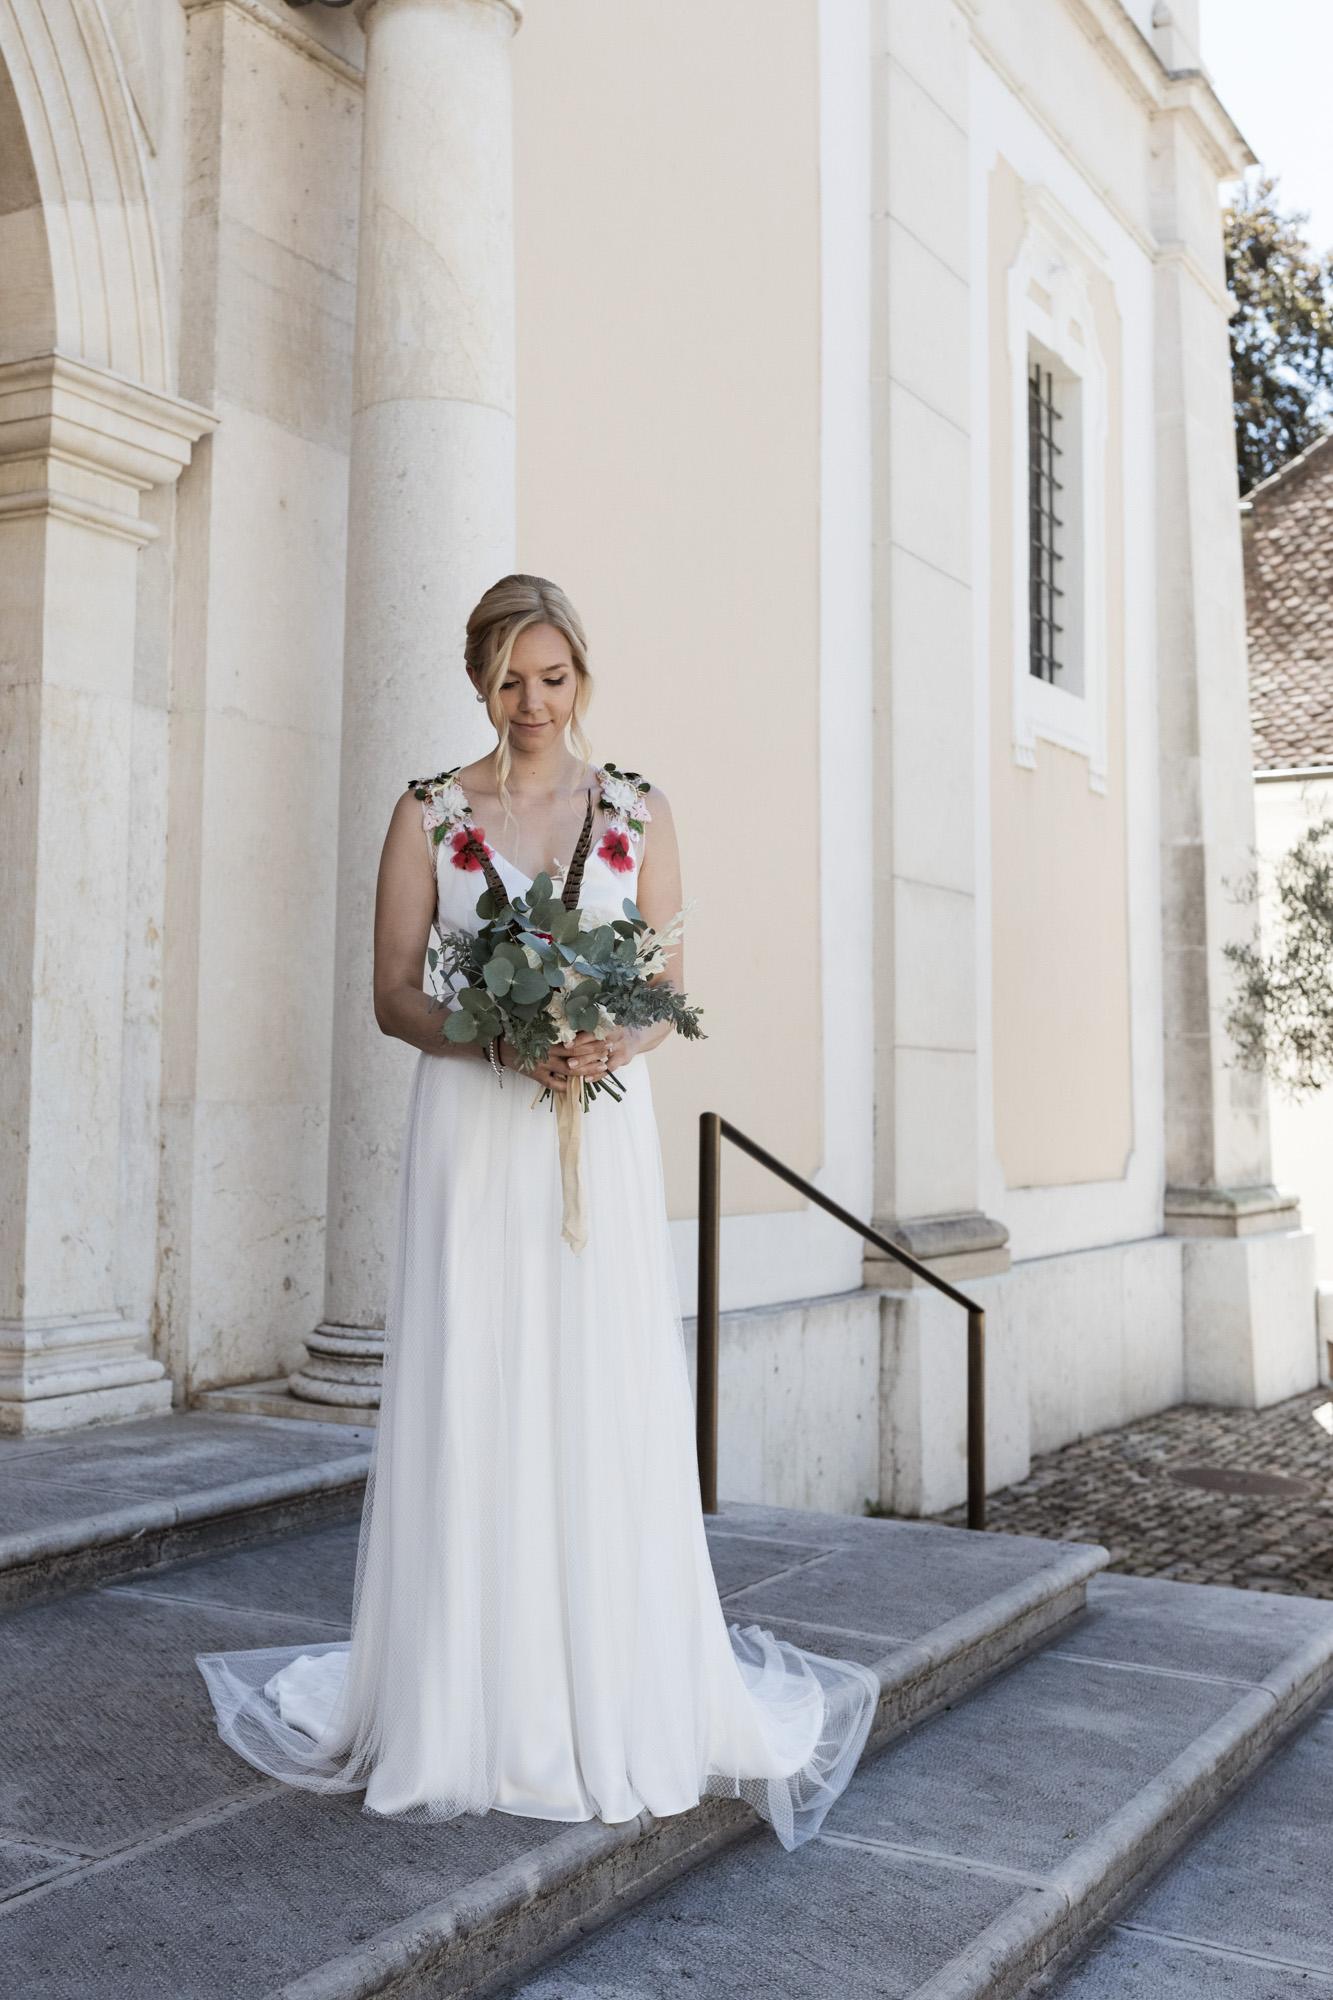 Die Braut mit ihrem schönen Brautstrauss